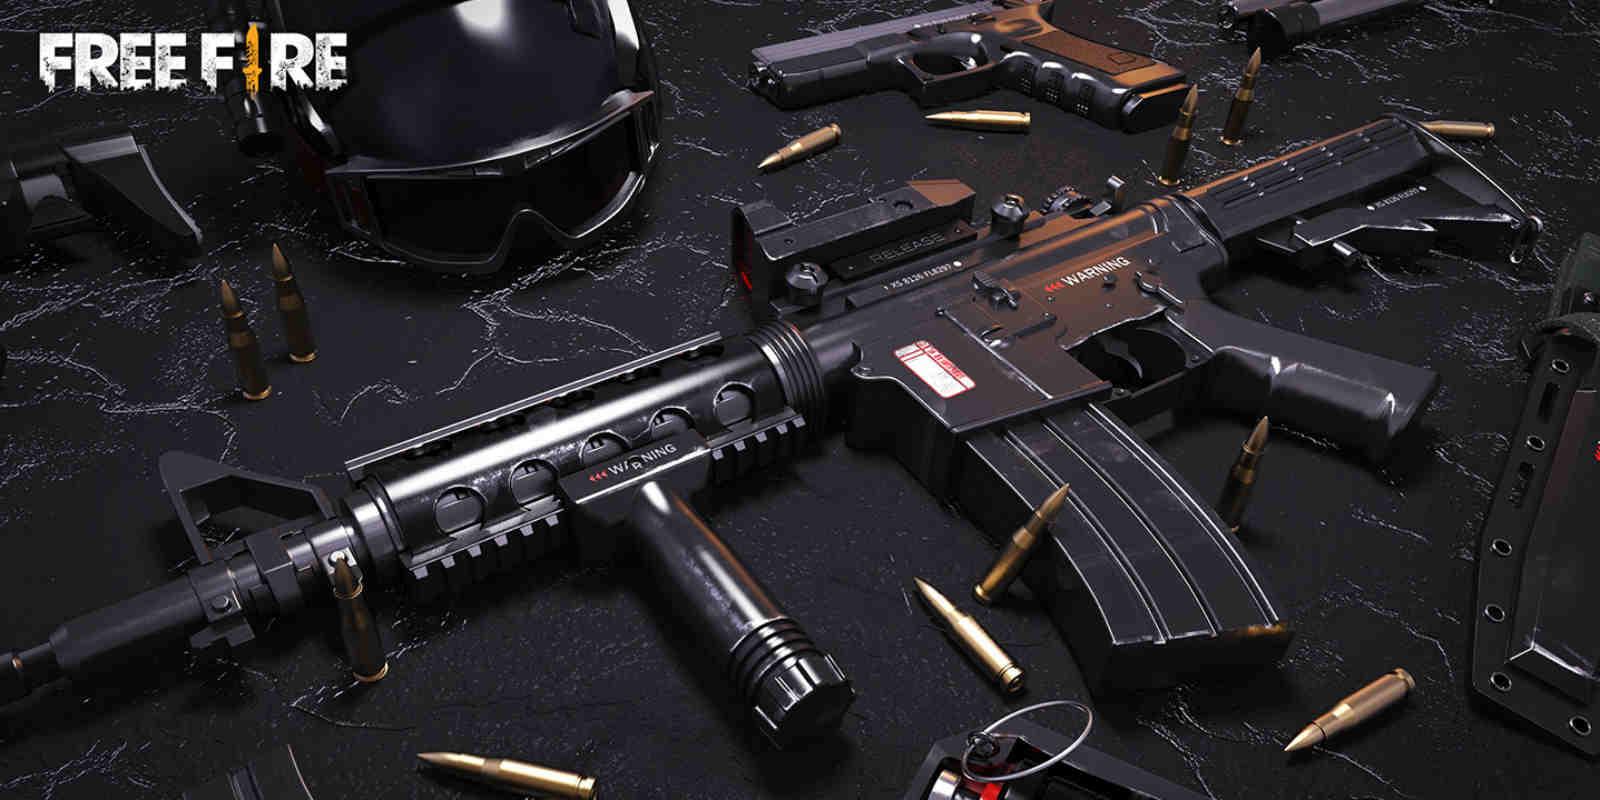 Menyepelekan Handgun Ketika Bermain Free Fire? Simak Dulu Berbagai Manfaatnya! - Unbox.id